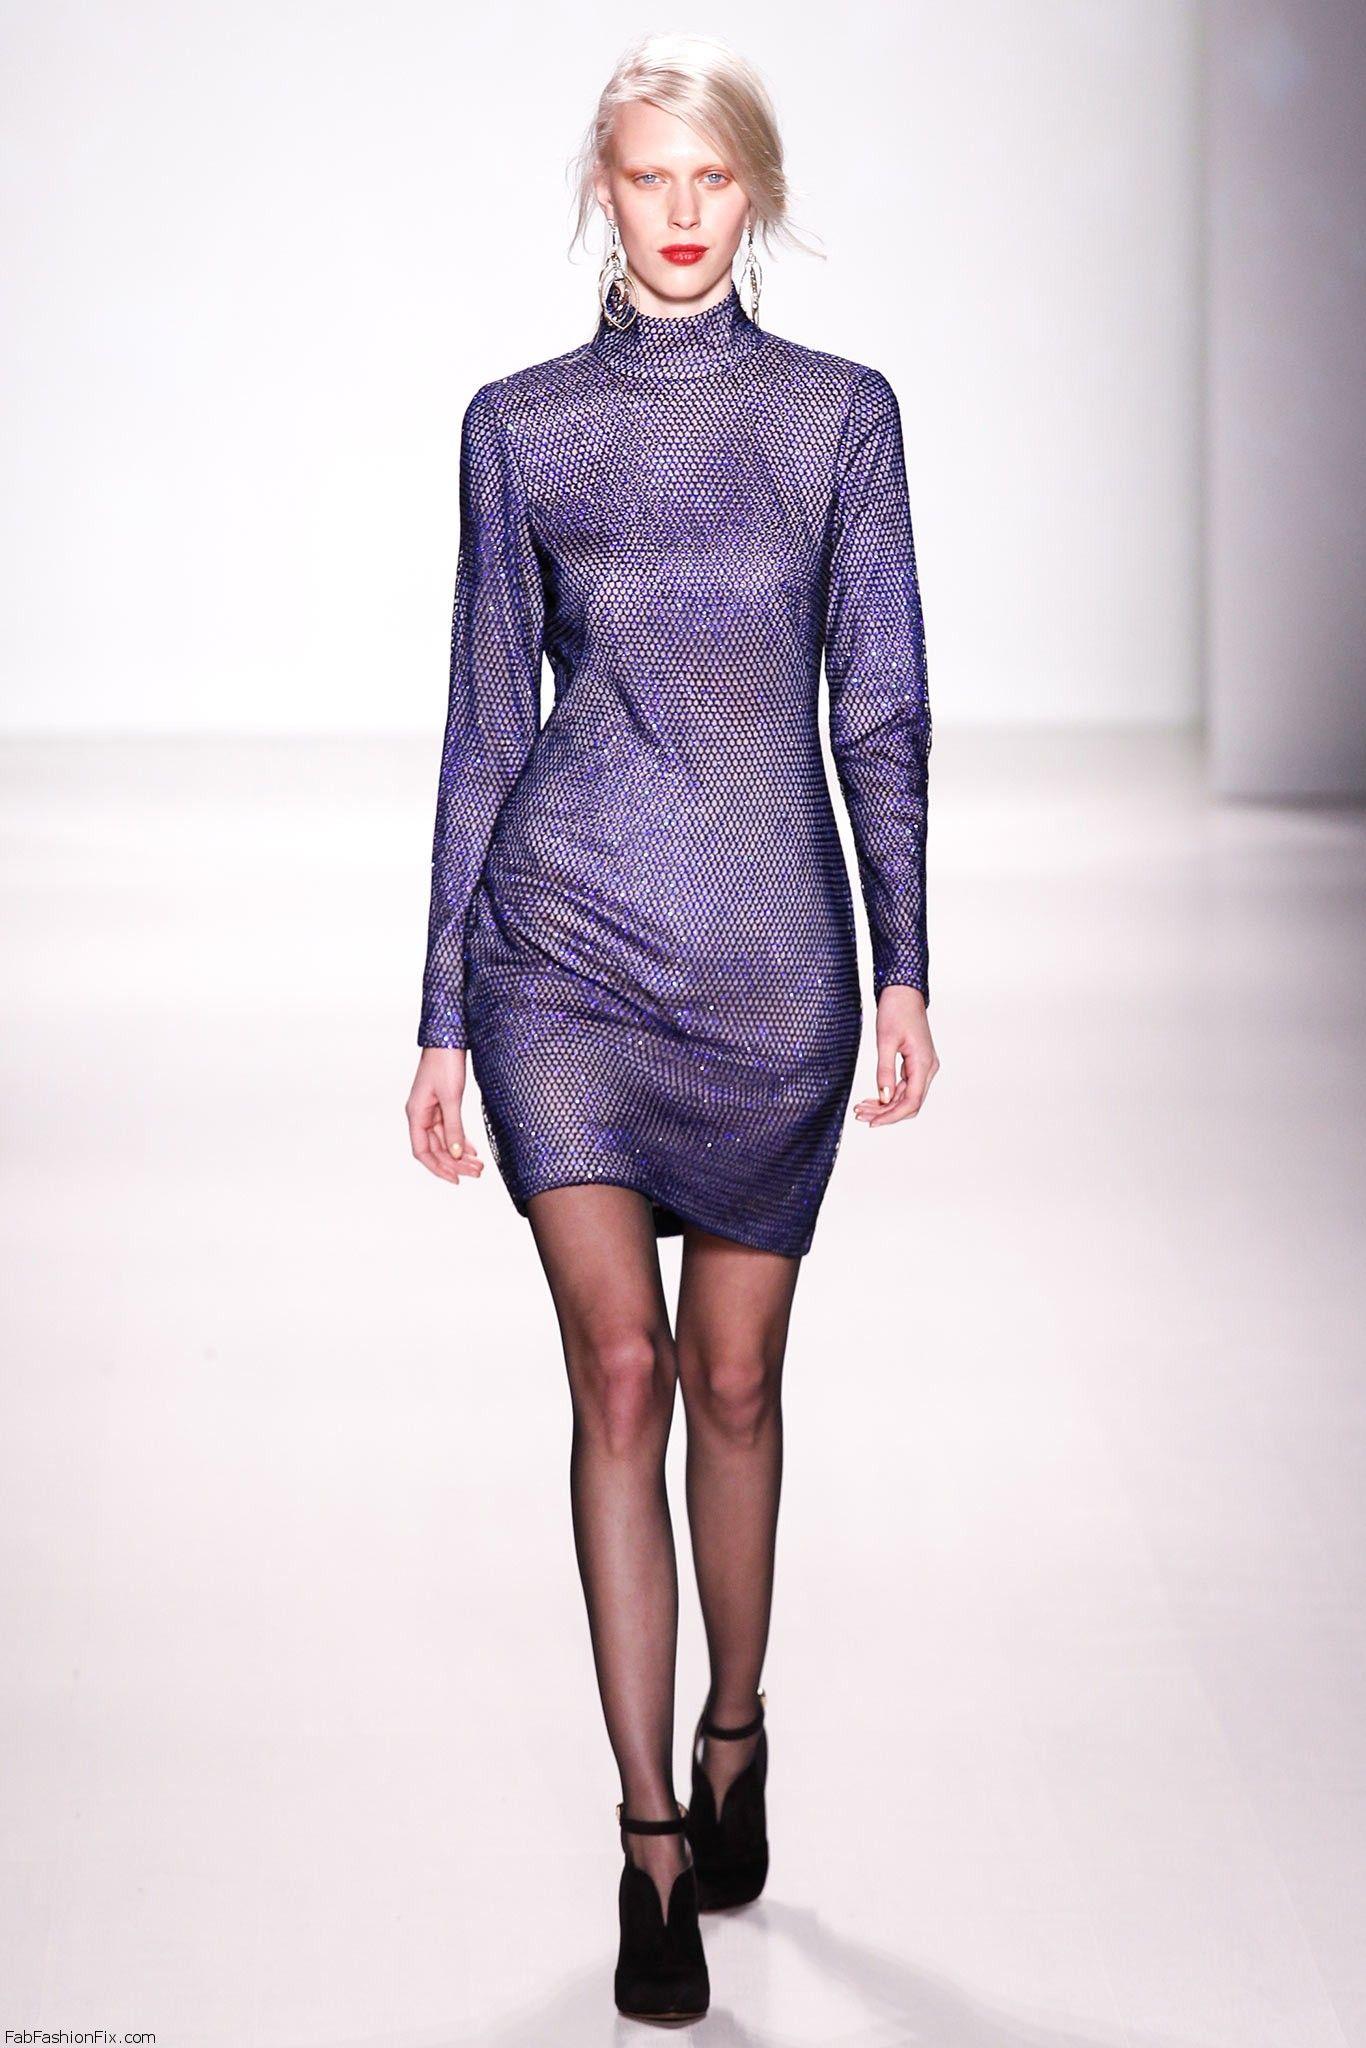 Designer Cocktail Dresses Winter 2014 | Dress images